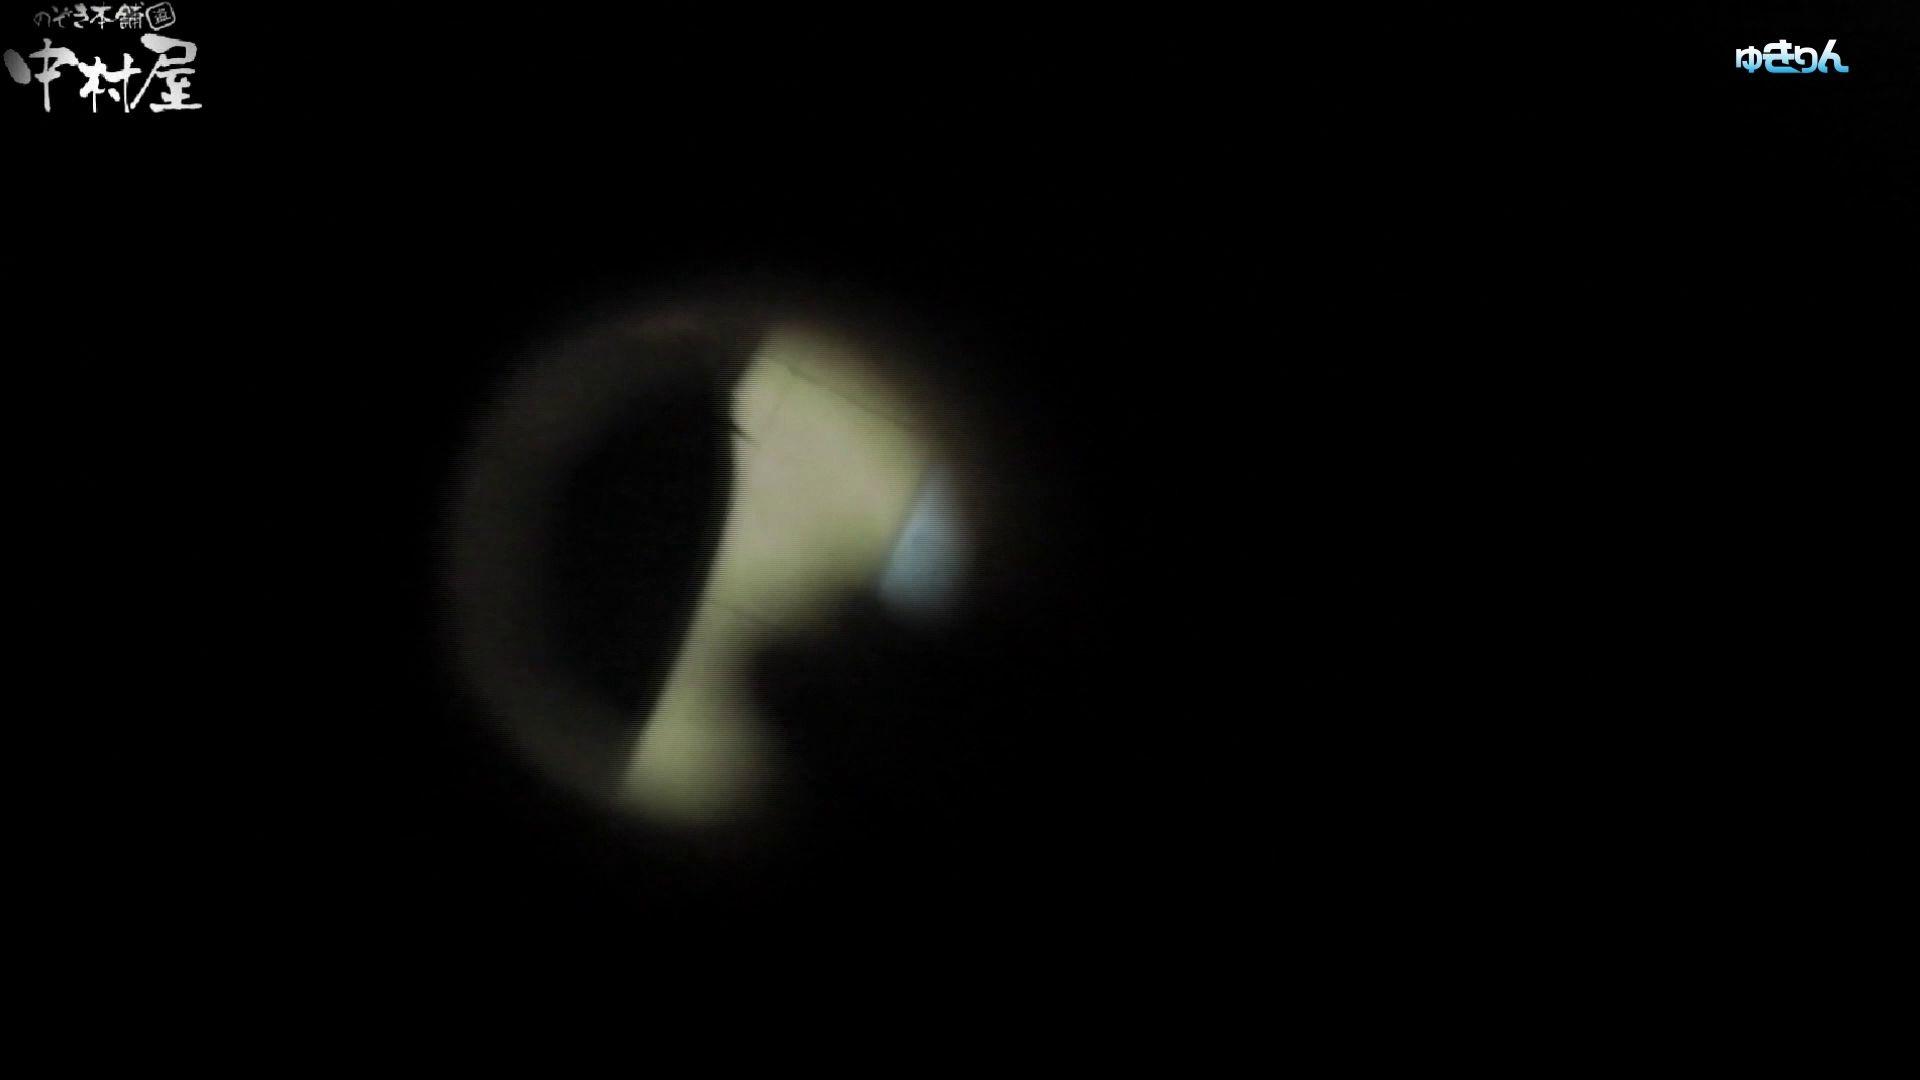 世界の射窓から~ステーション編 vol58 0.1%の確率!!吸い付こまれるプレミアム聖地 盗撮特集   おまんこ  83画像 37